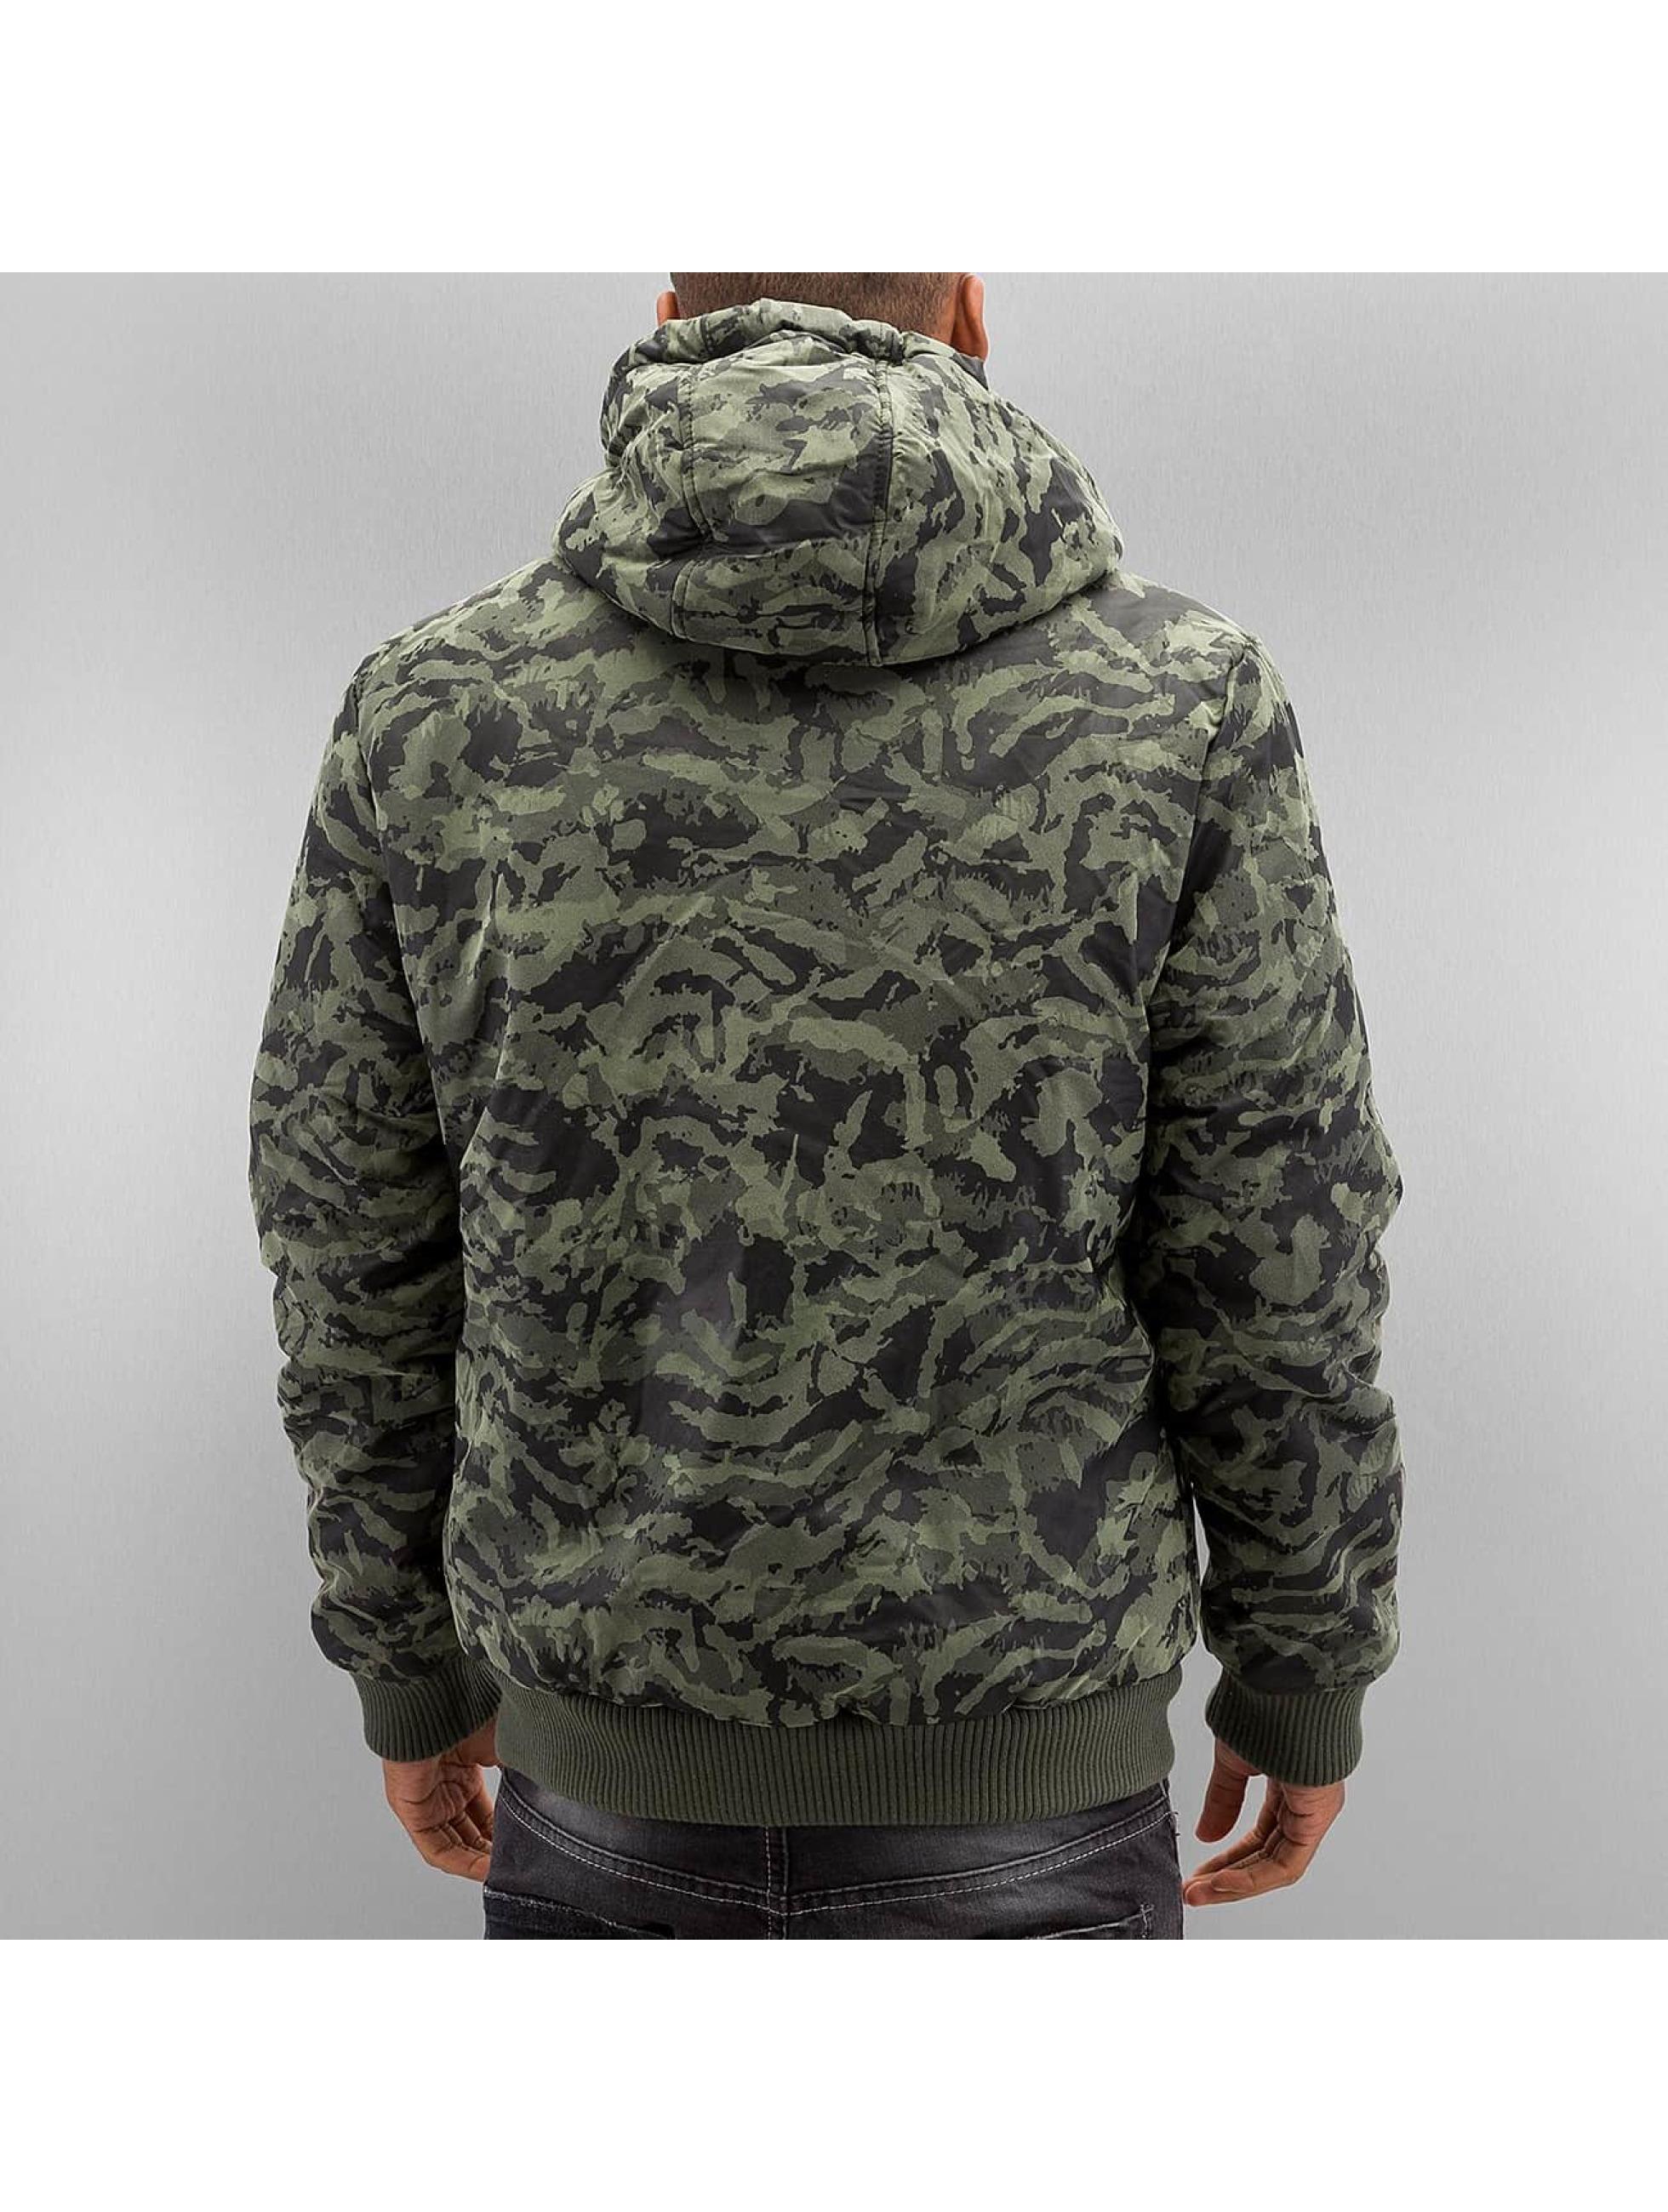 dangerous dngrs camo camouflage homme manteau hiver dangerous dngrs acheter pas cher manteau. Black Bedroom Furniture Sets. Home Design Ideas